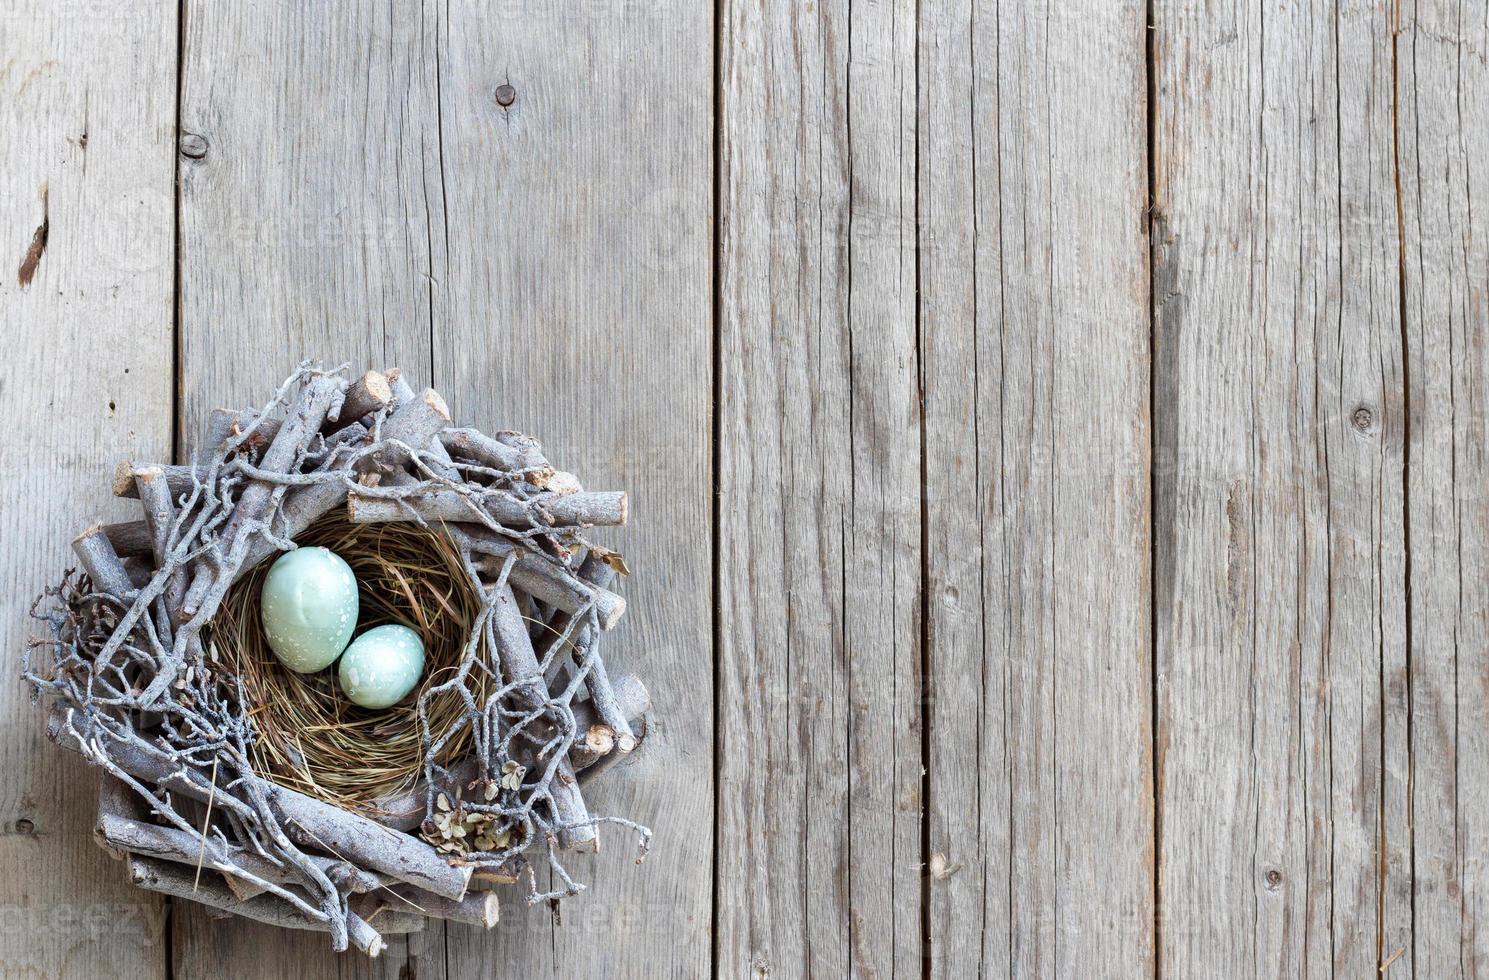 paaseieren in nest op hout foto